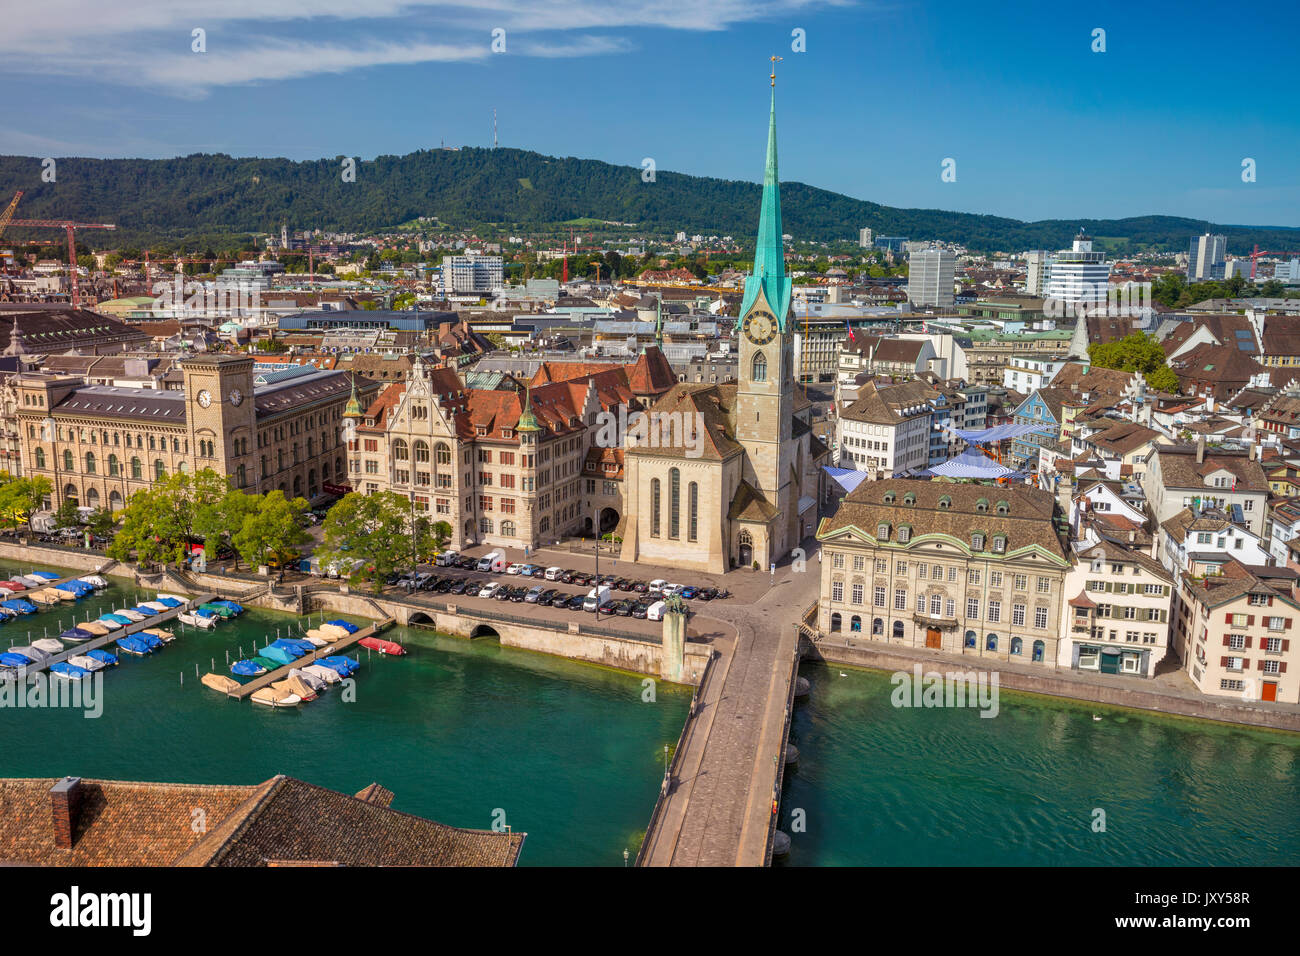 Zurich. Image aérienne de Zurich, Suisse au cours de l'été ensoleillé matin. Banque D'Images